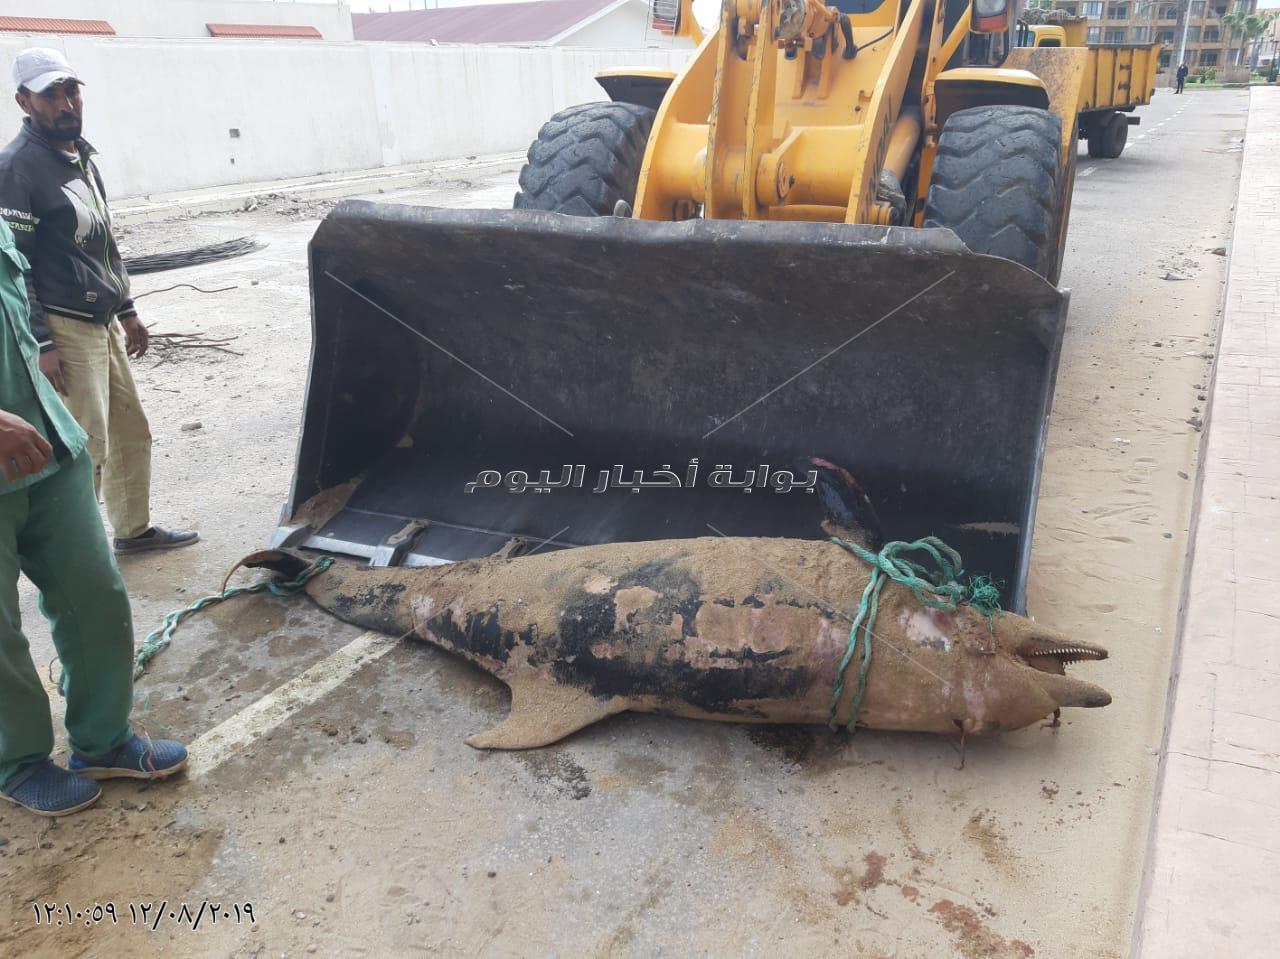 العثور على دولفين ذو المنقار نافق بشاطئ المعمورة بالإسكندرية